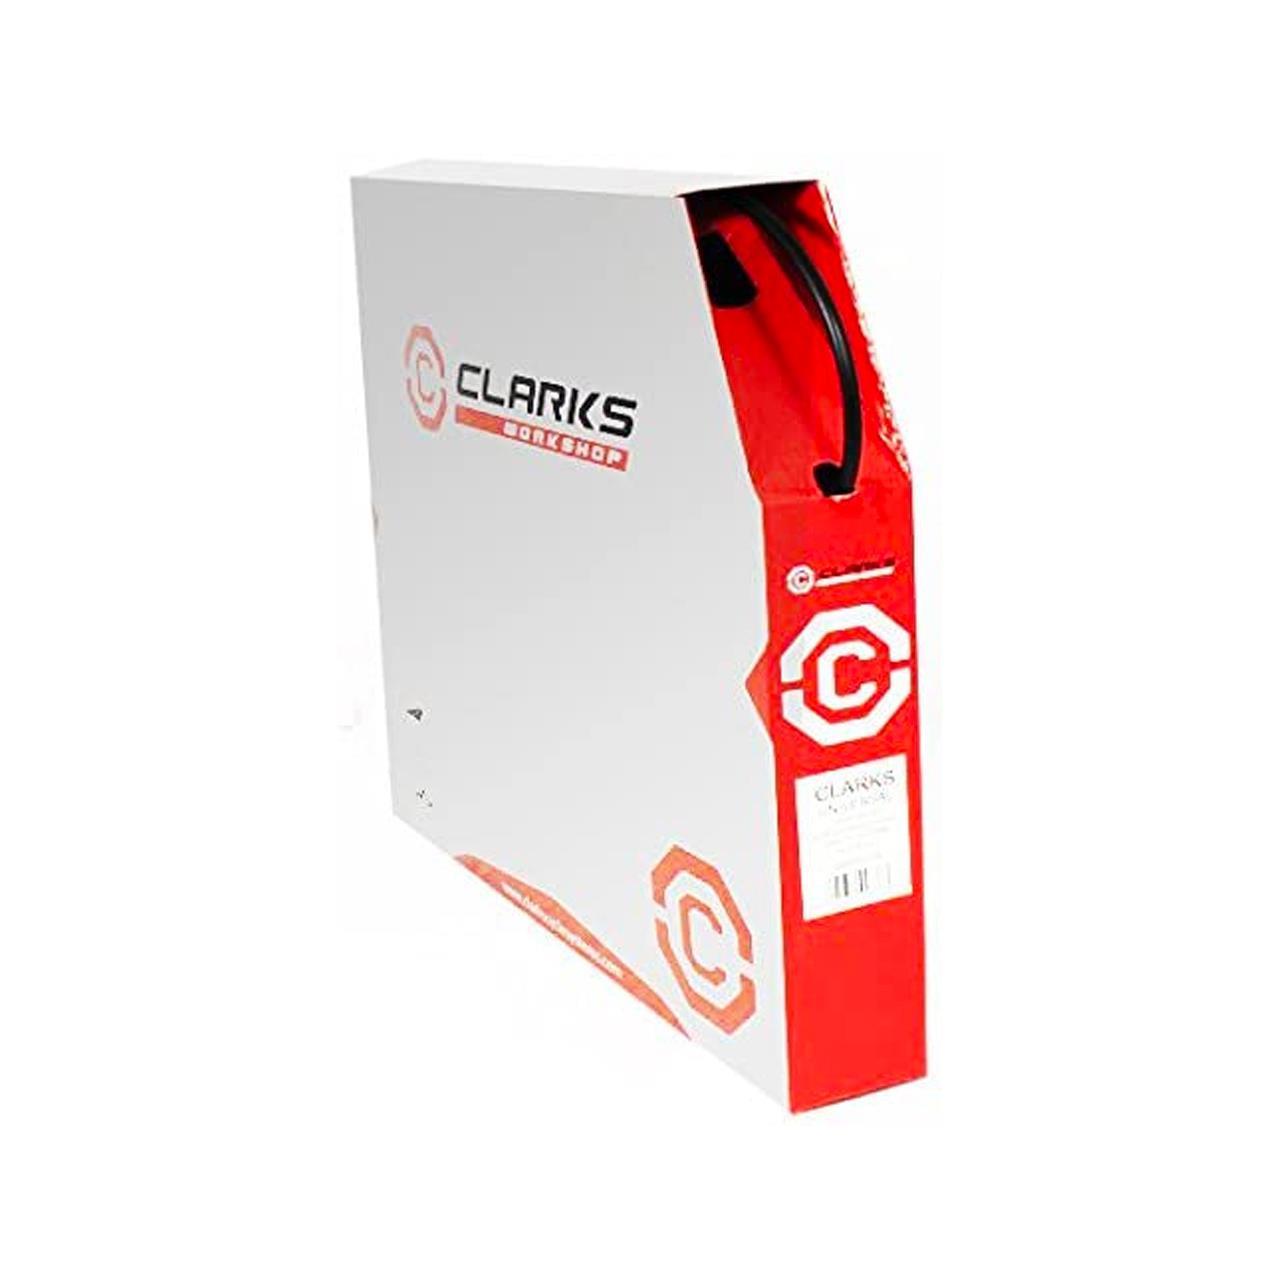 Clarks Stainless Steel MTB Brake Inner (Box of 100)